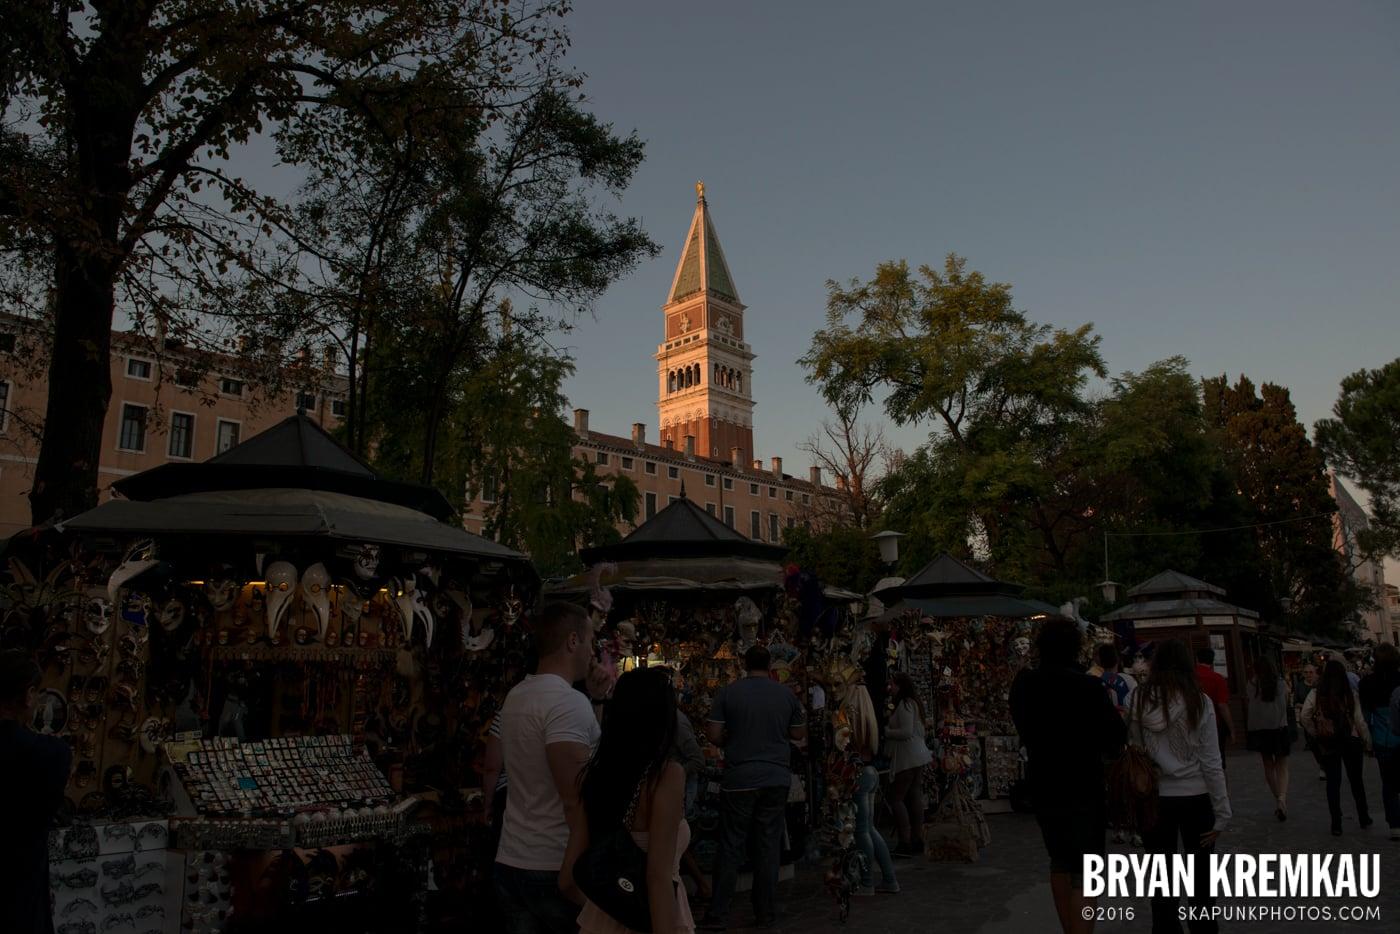 Italy Vacation - Day 5: Venice - 9.13.13 (7)